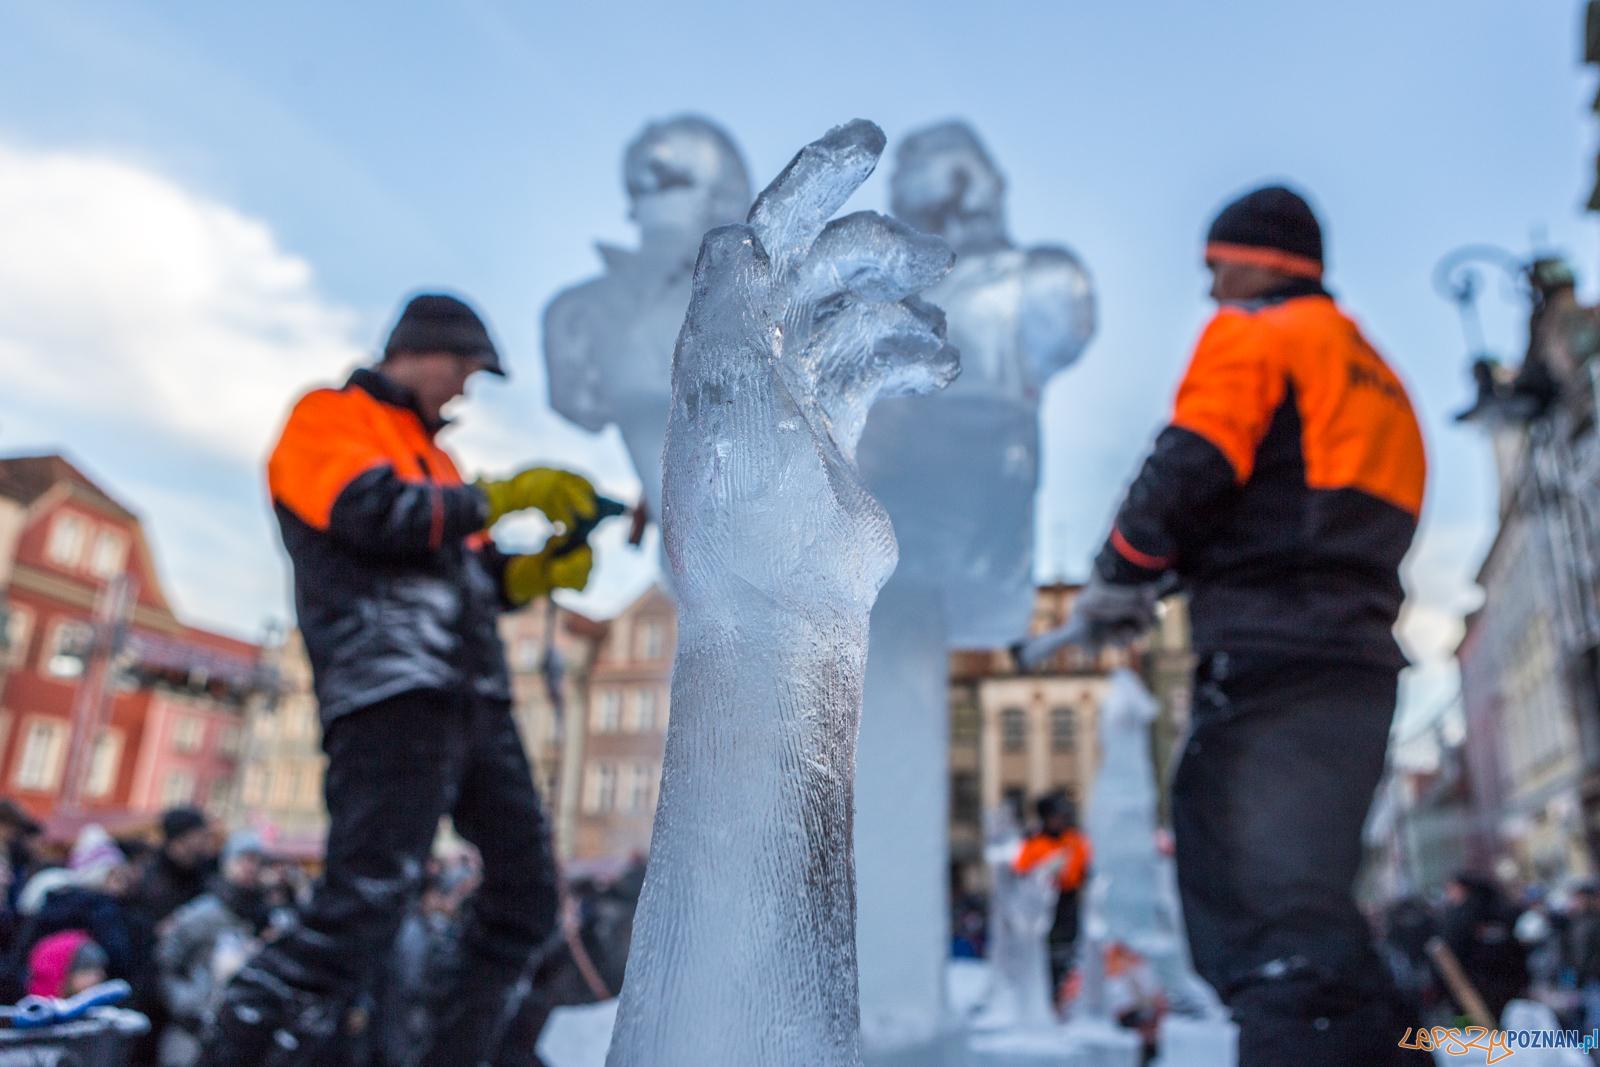 Stihl Poznań Ice Festival 2017 konkurs główny - Poznań 10.12  Foto: LepszyPOZNAN.pl / Paweł Rychter